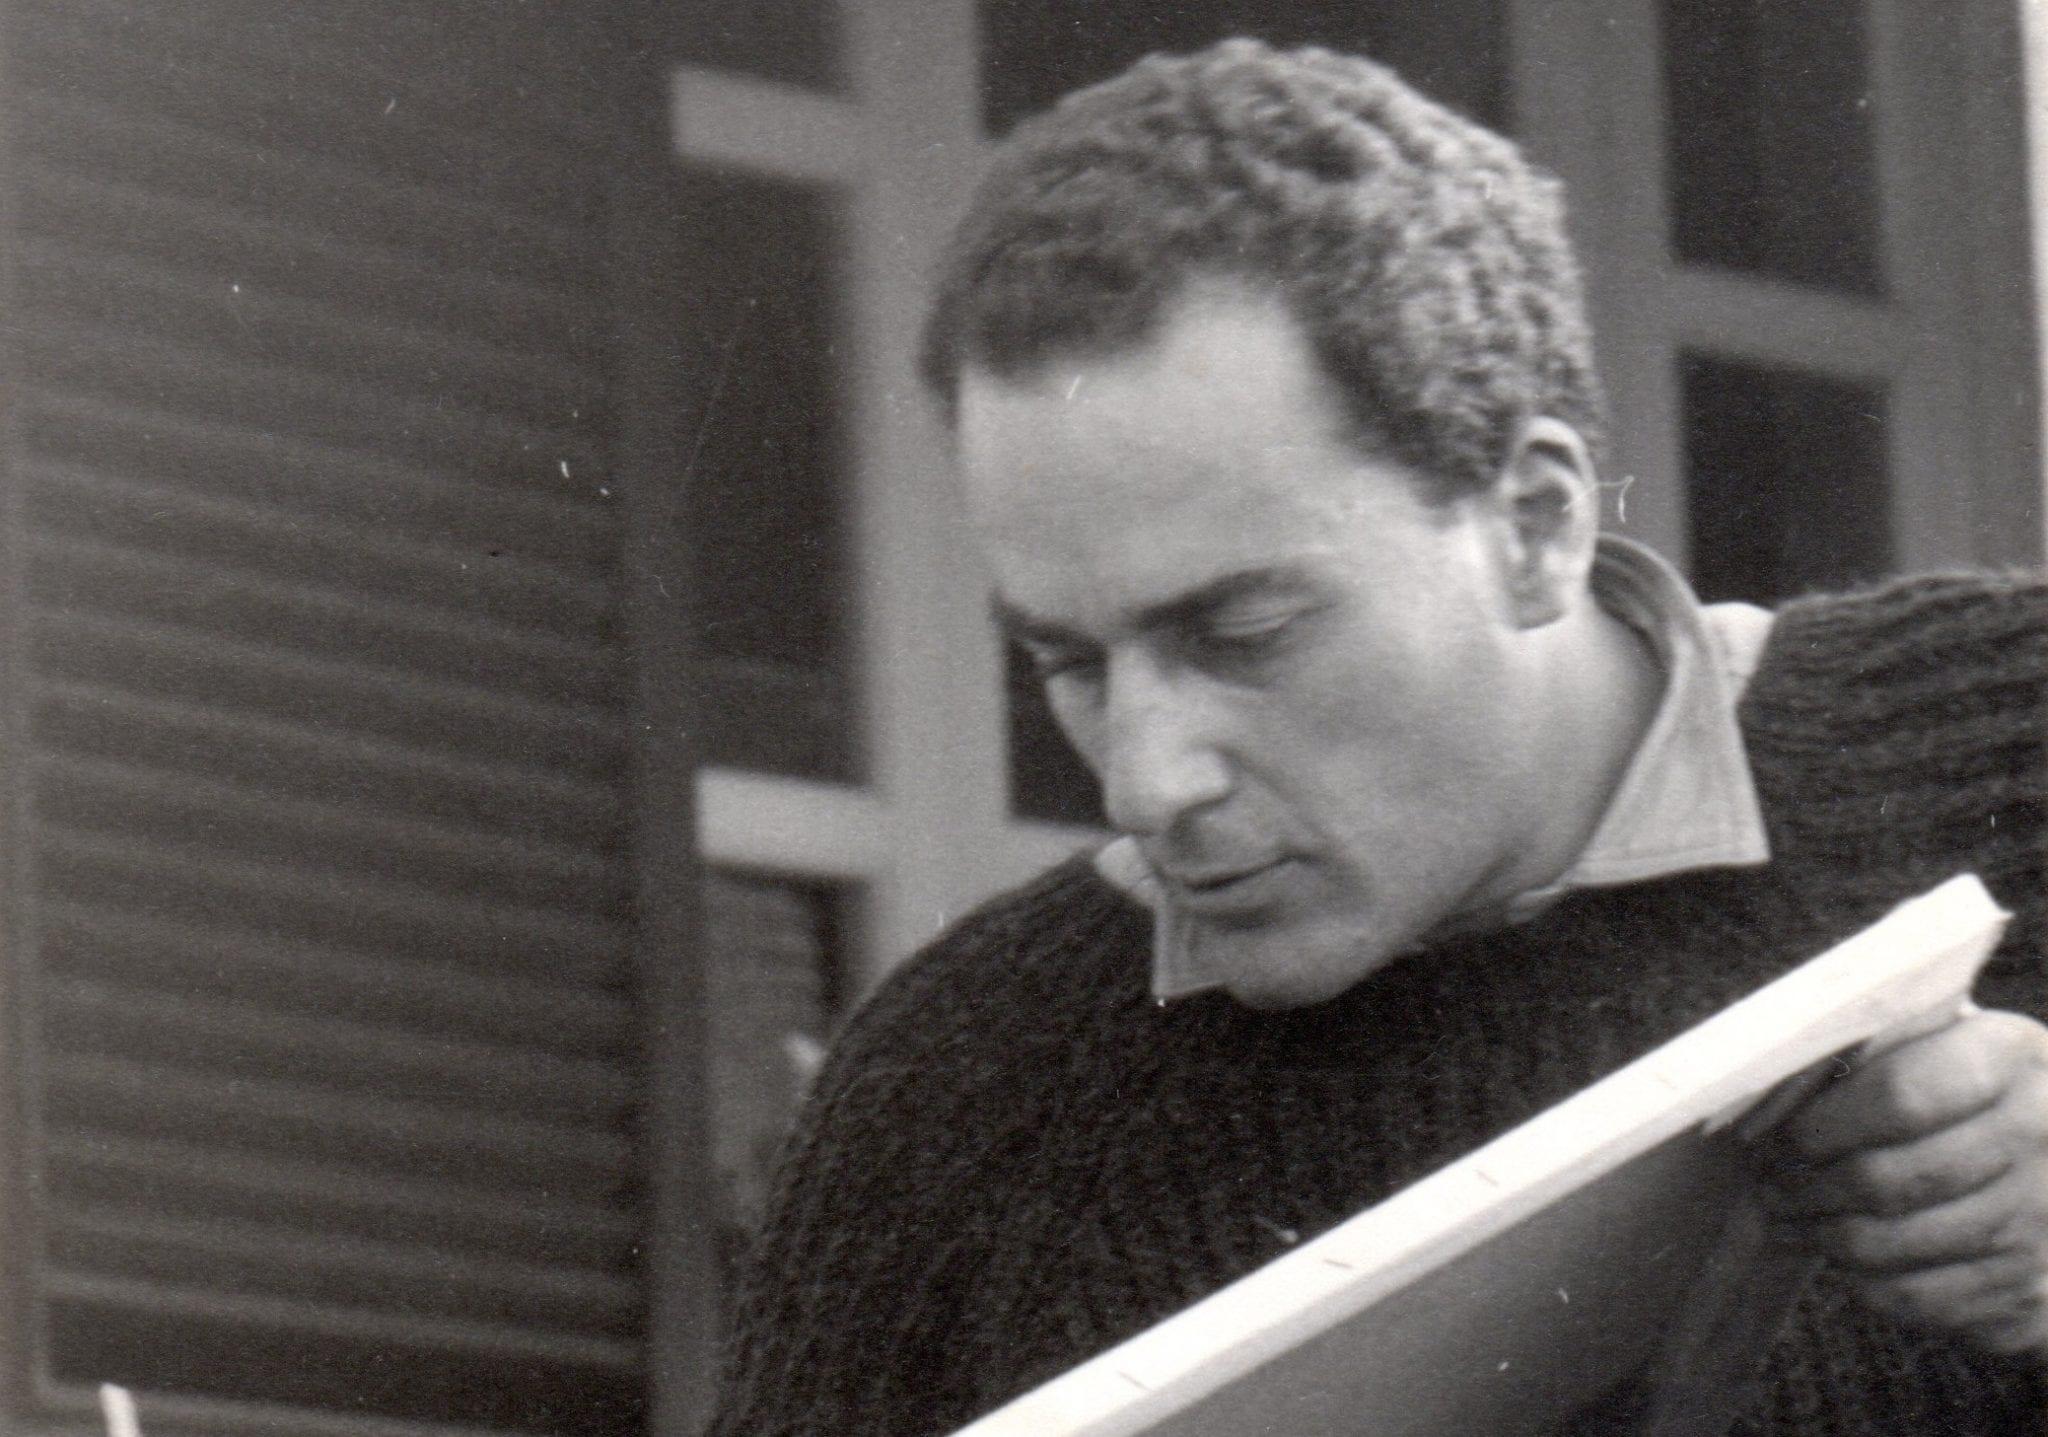 25 anni di storia (e di arte) italiana. Esce la raccolta degli scritti di Gastone Novelli fra il 1943 e il 1968